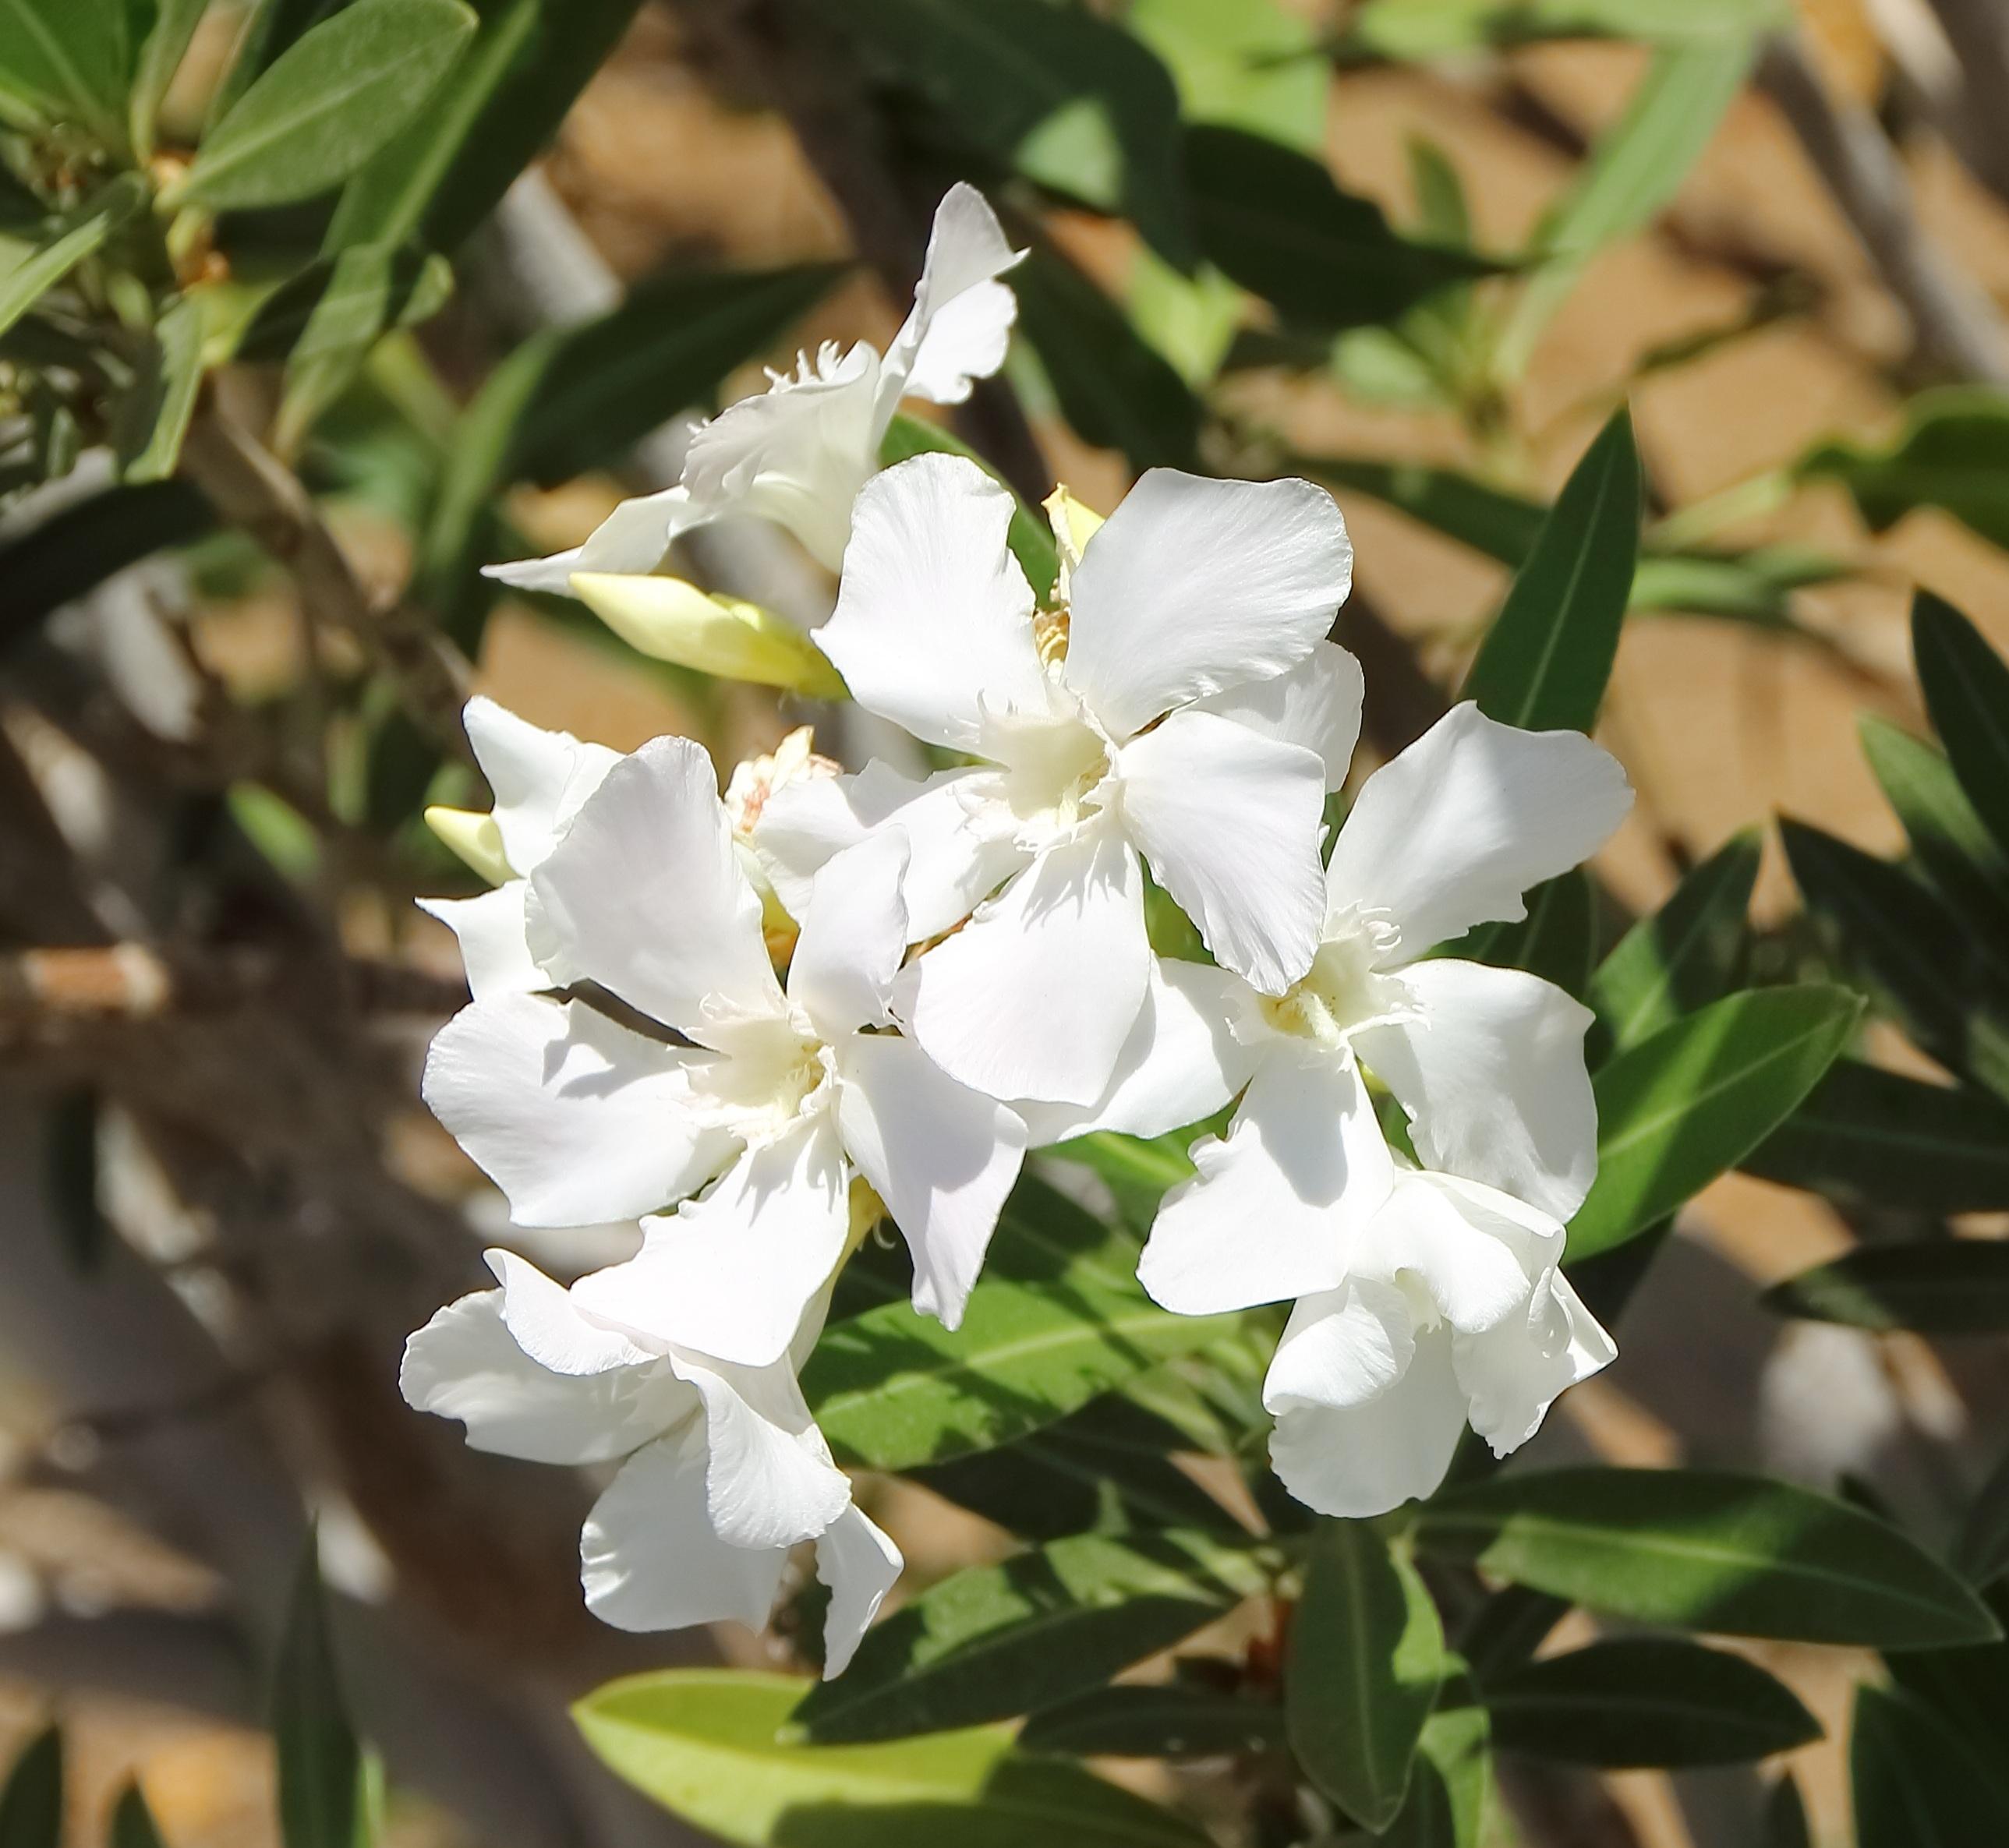 Fotos Gratis Naturaleza Blanco Botanica Jardin Flora Flor